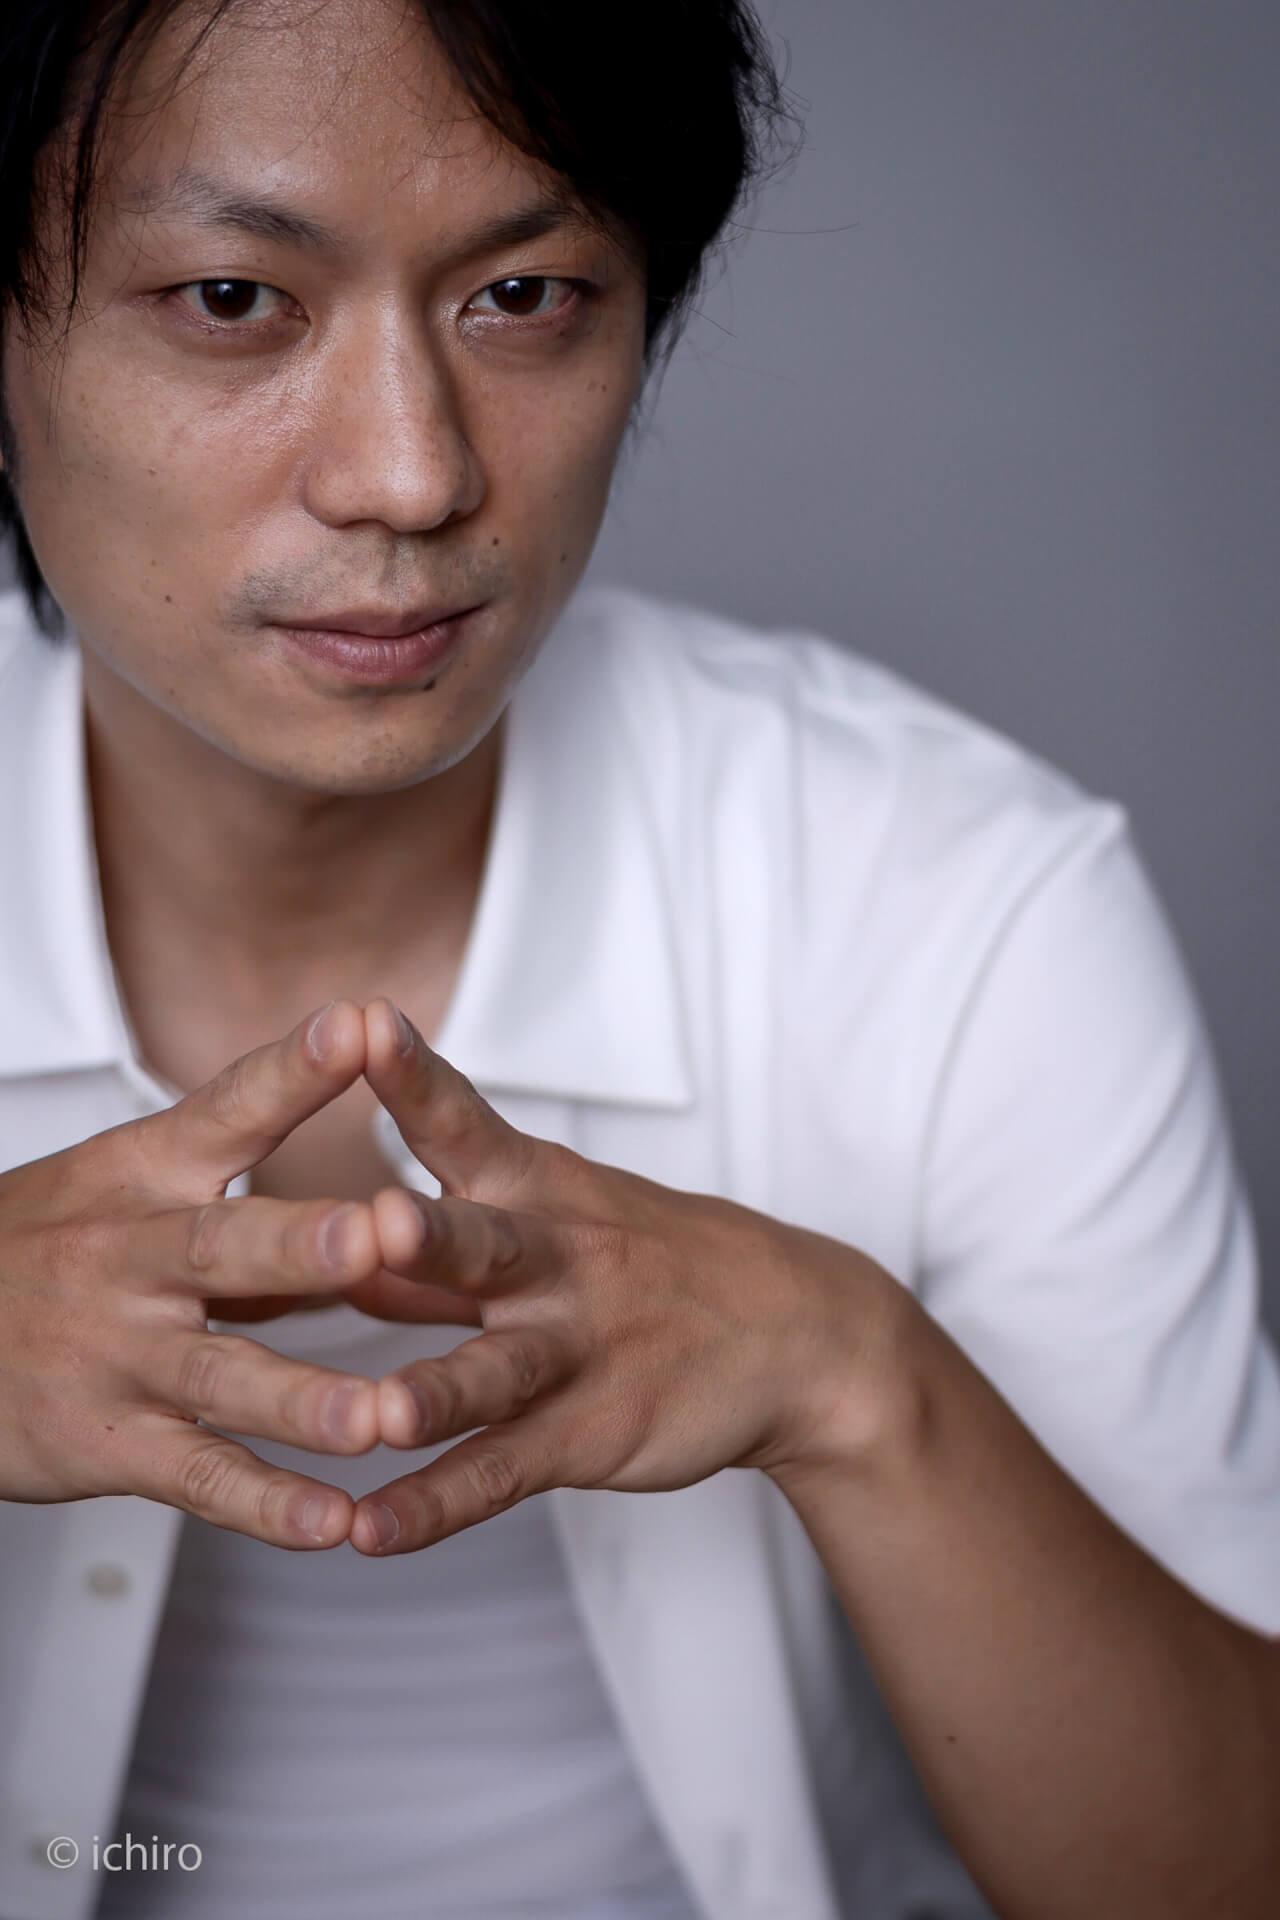 千葉県・市川市の空間演出を手がけるサウンドアーティスト・及川潤耶のインタビュー動画が公開|独占インタビューも到着 art210629_junya-oikawa-08